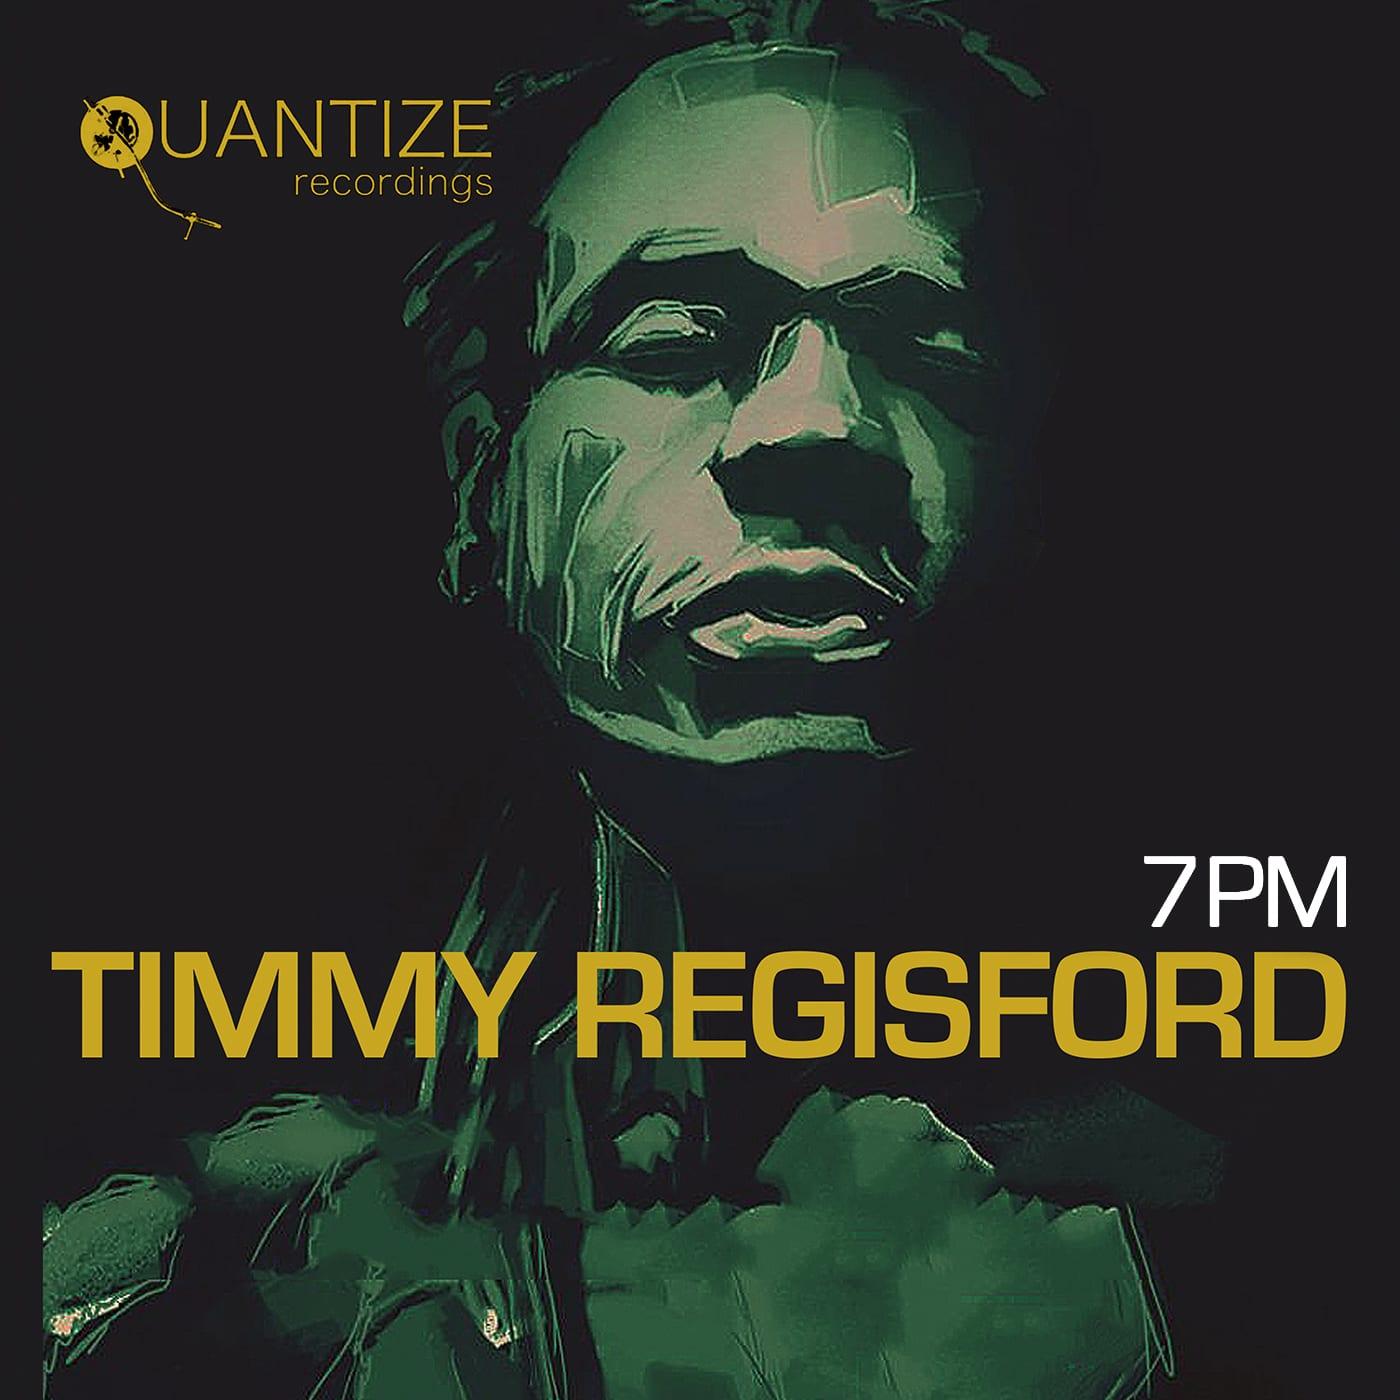 timmy_regisford_7_pm_the_lp.jpg